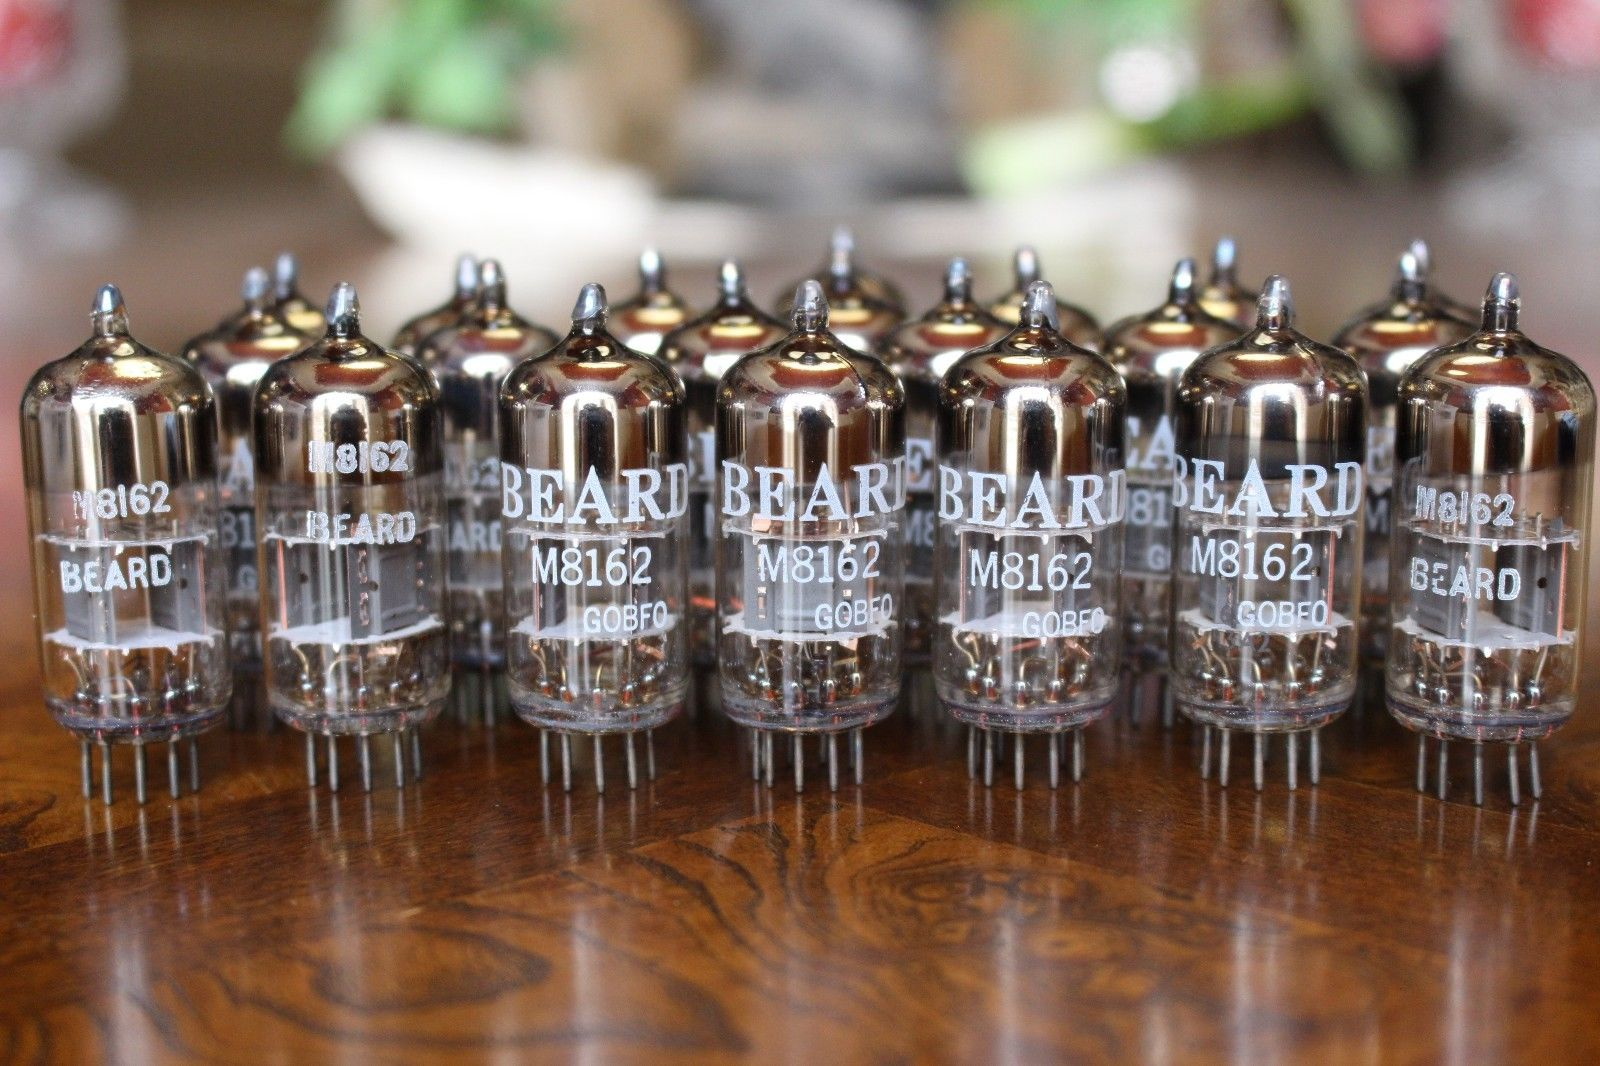 Beard M8162 vacuum tubes